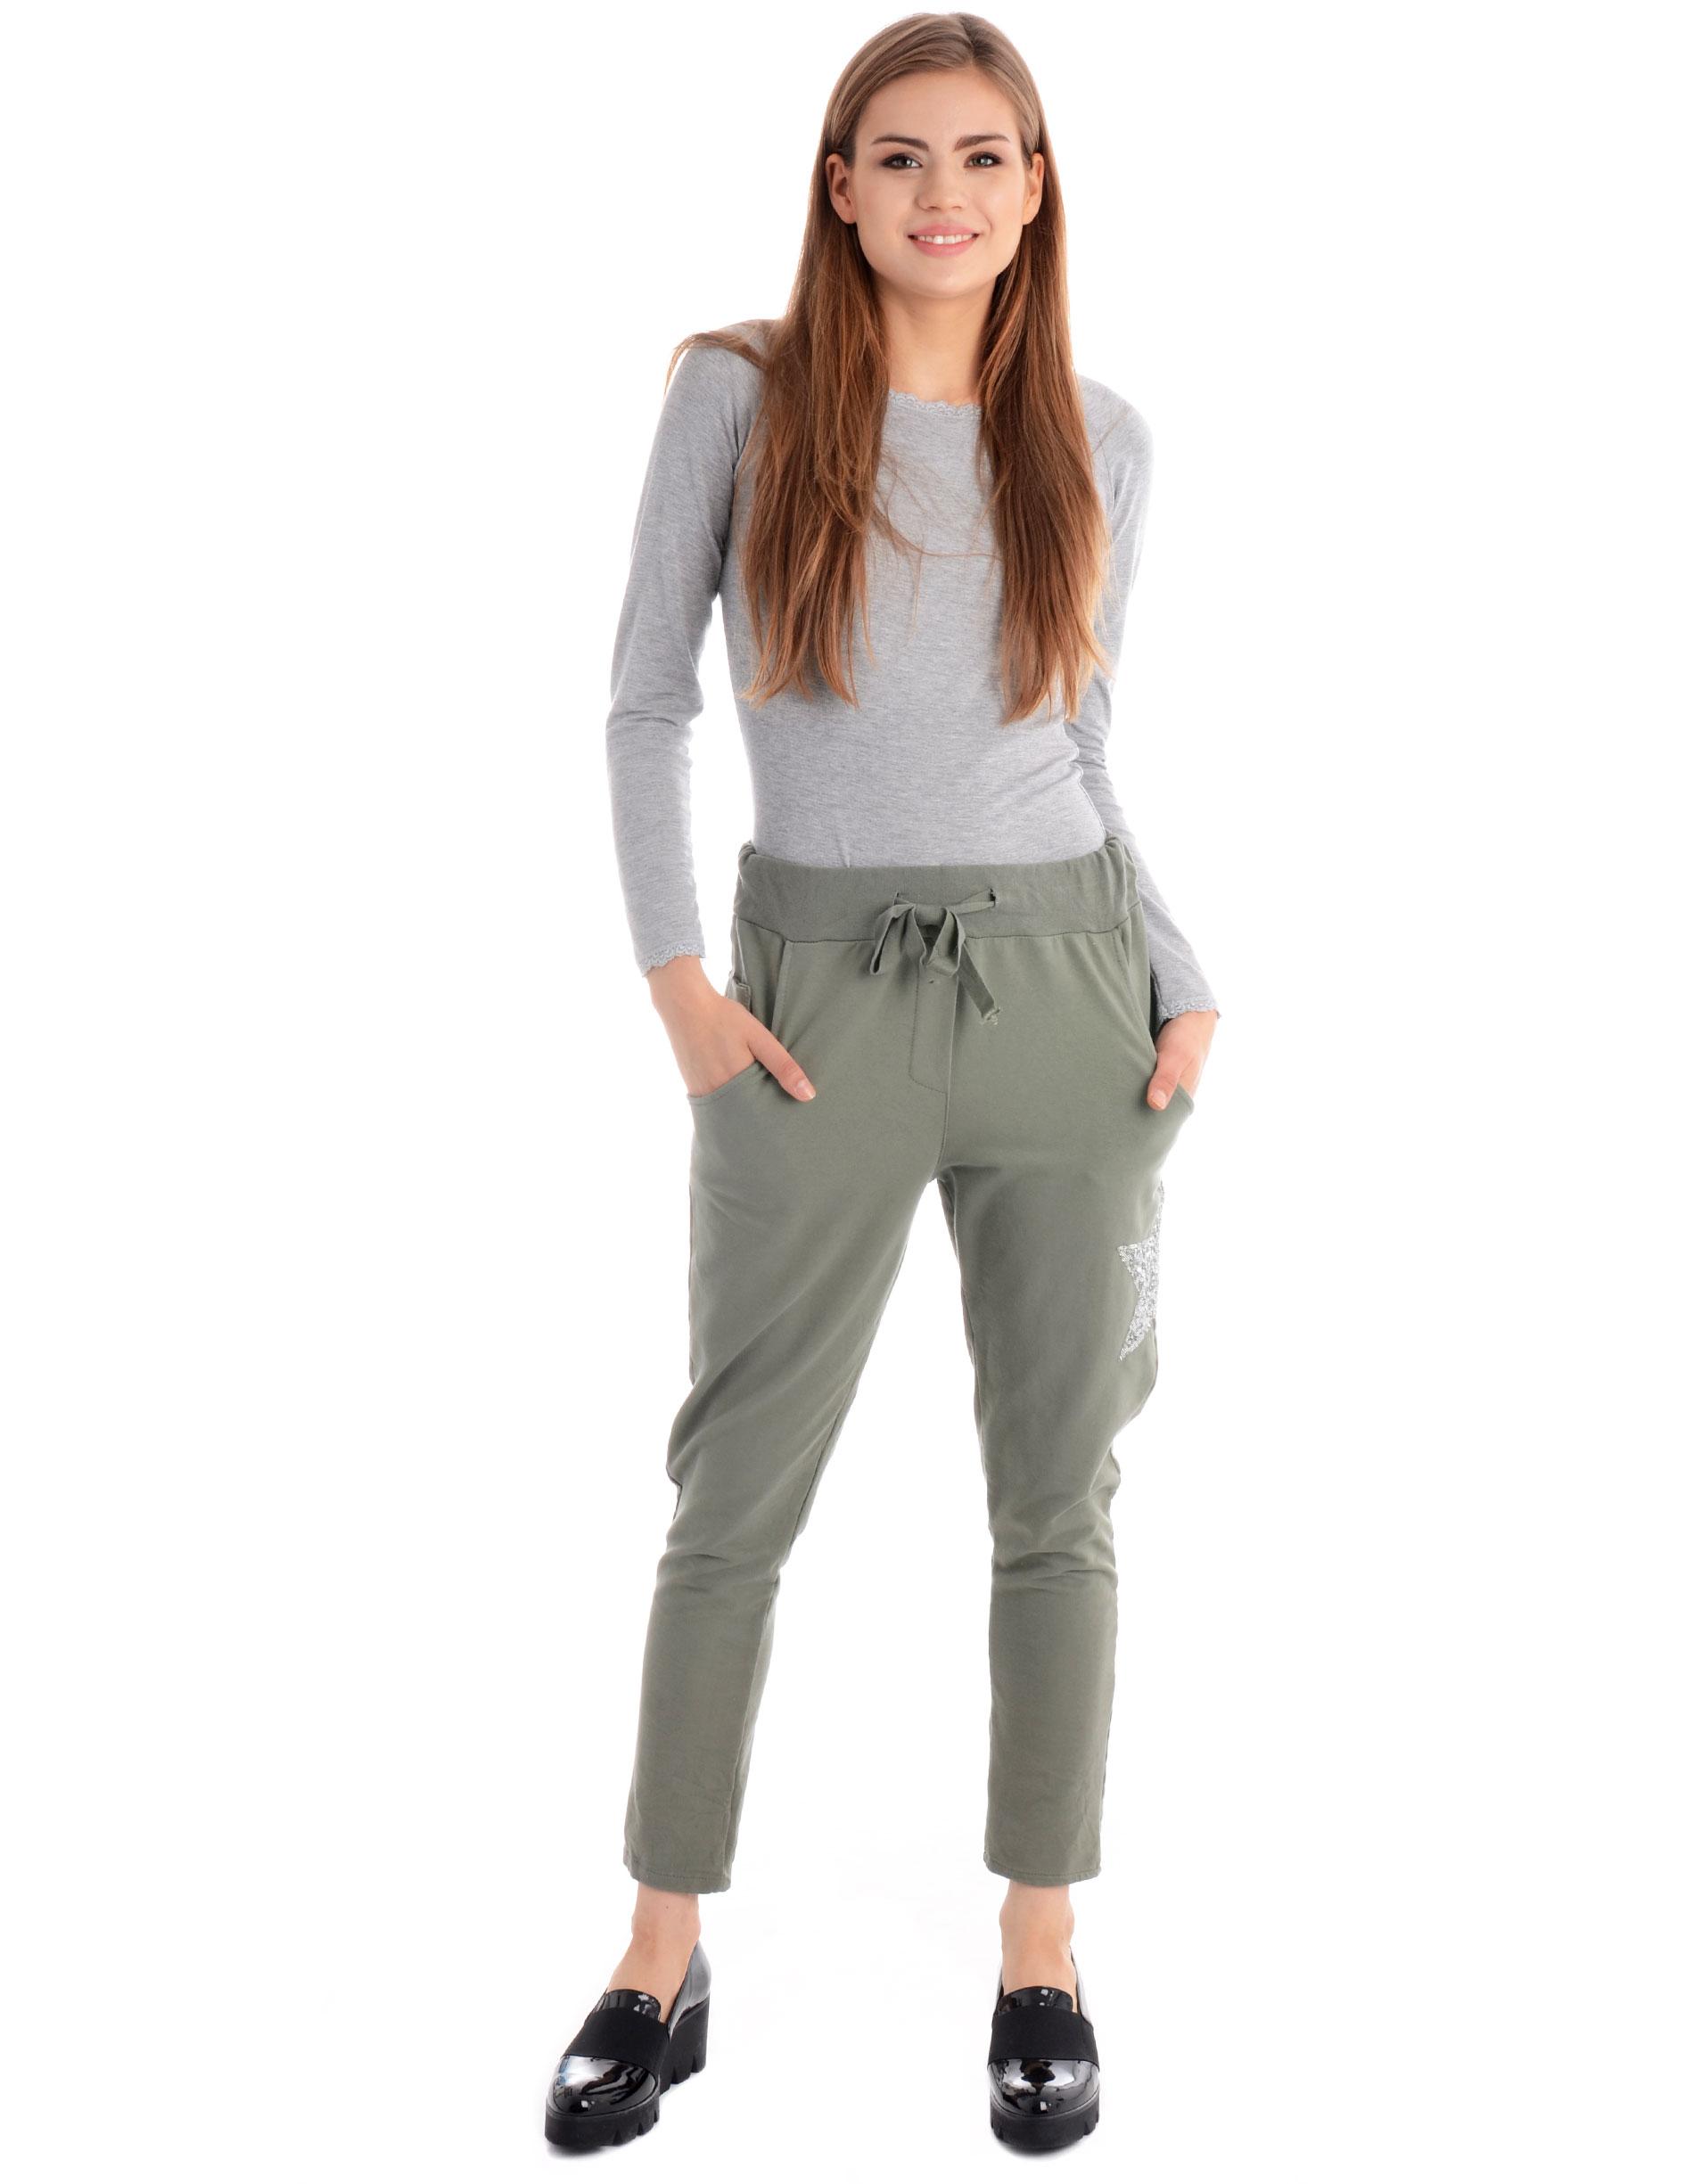 Spodnie - 104-1216B MIL - Unisono